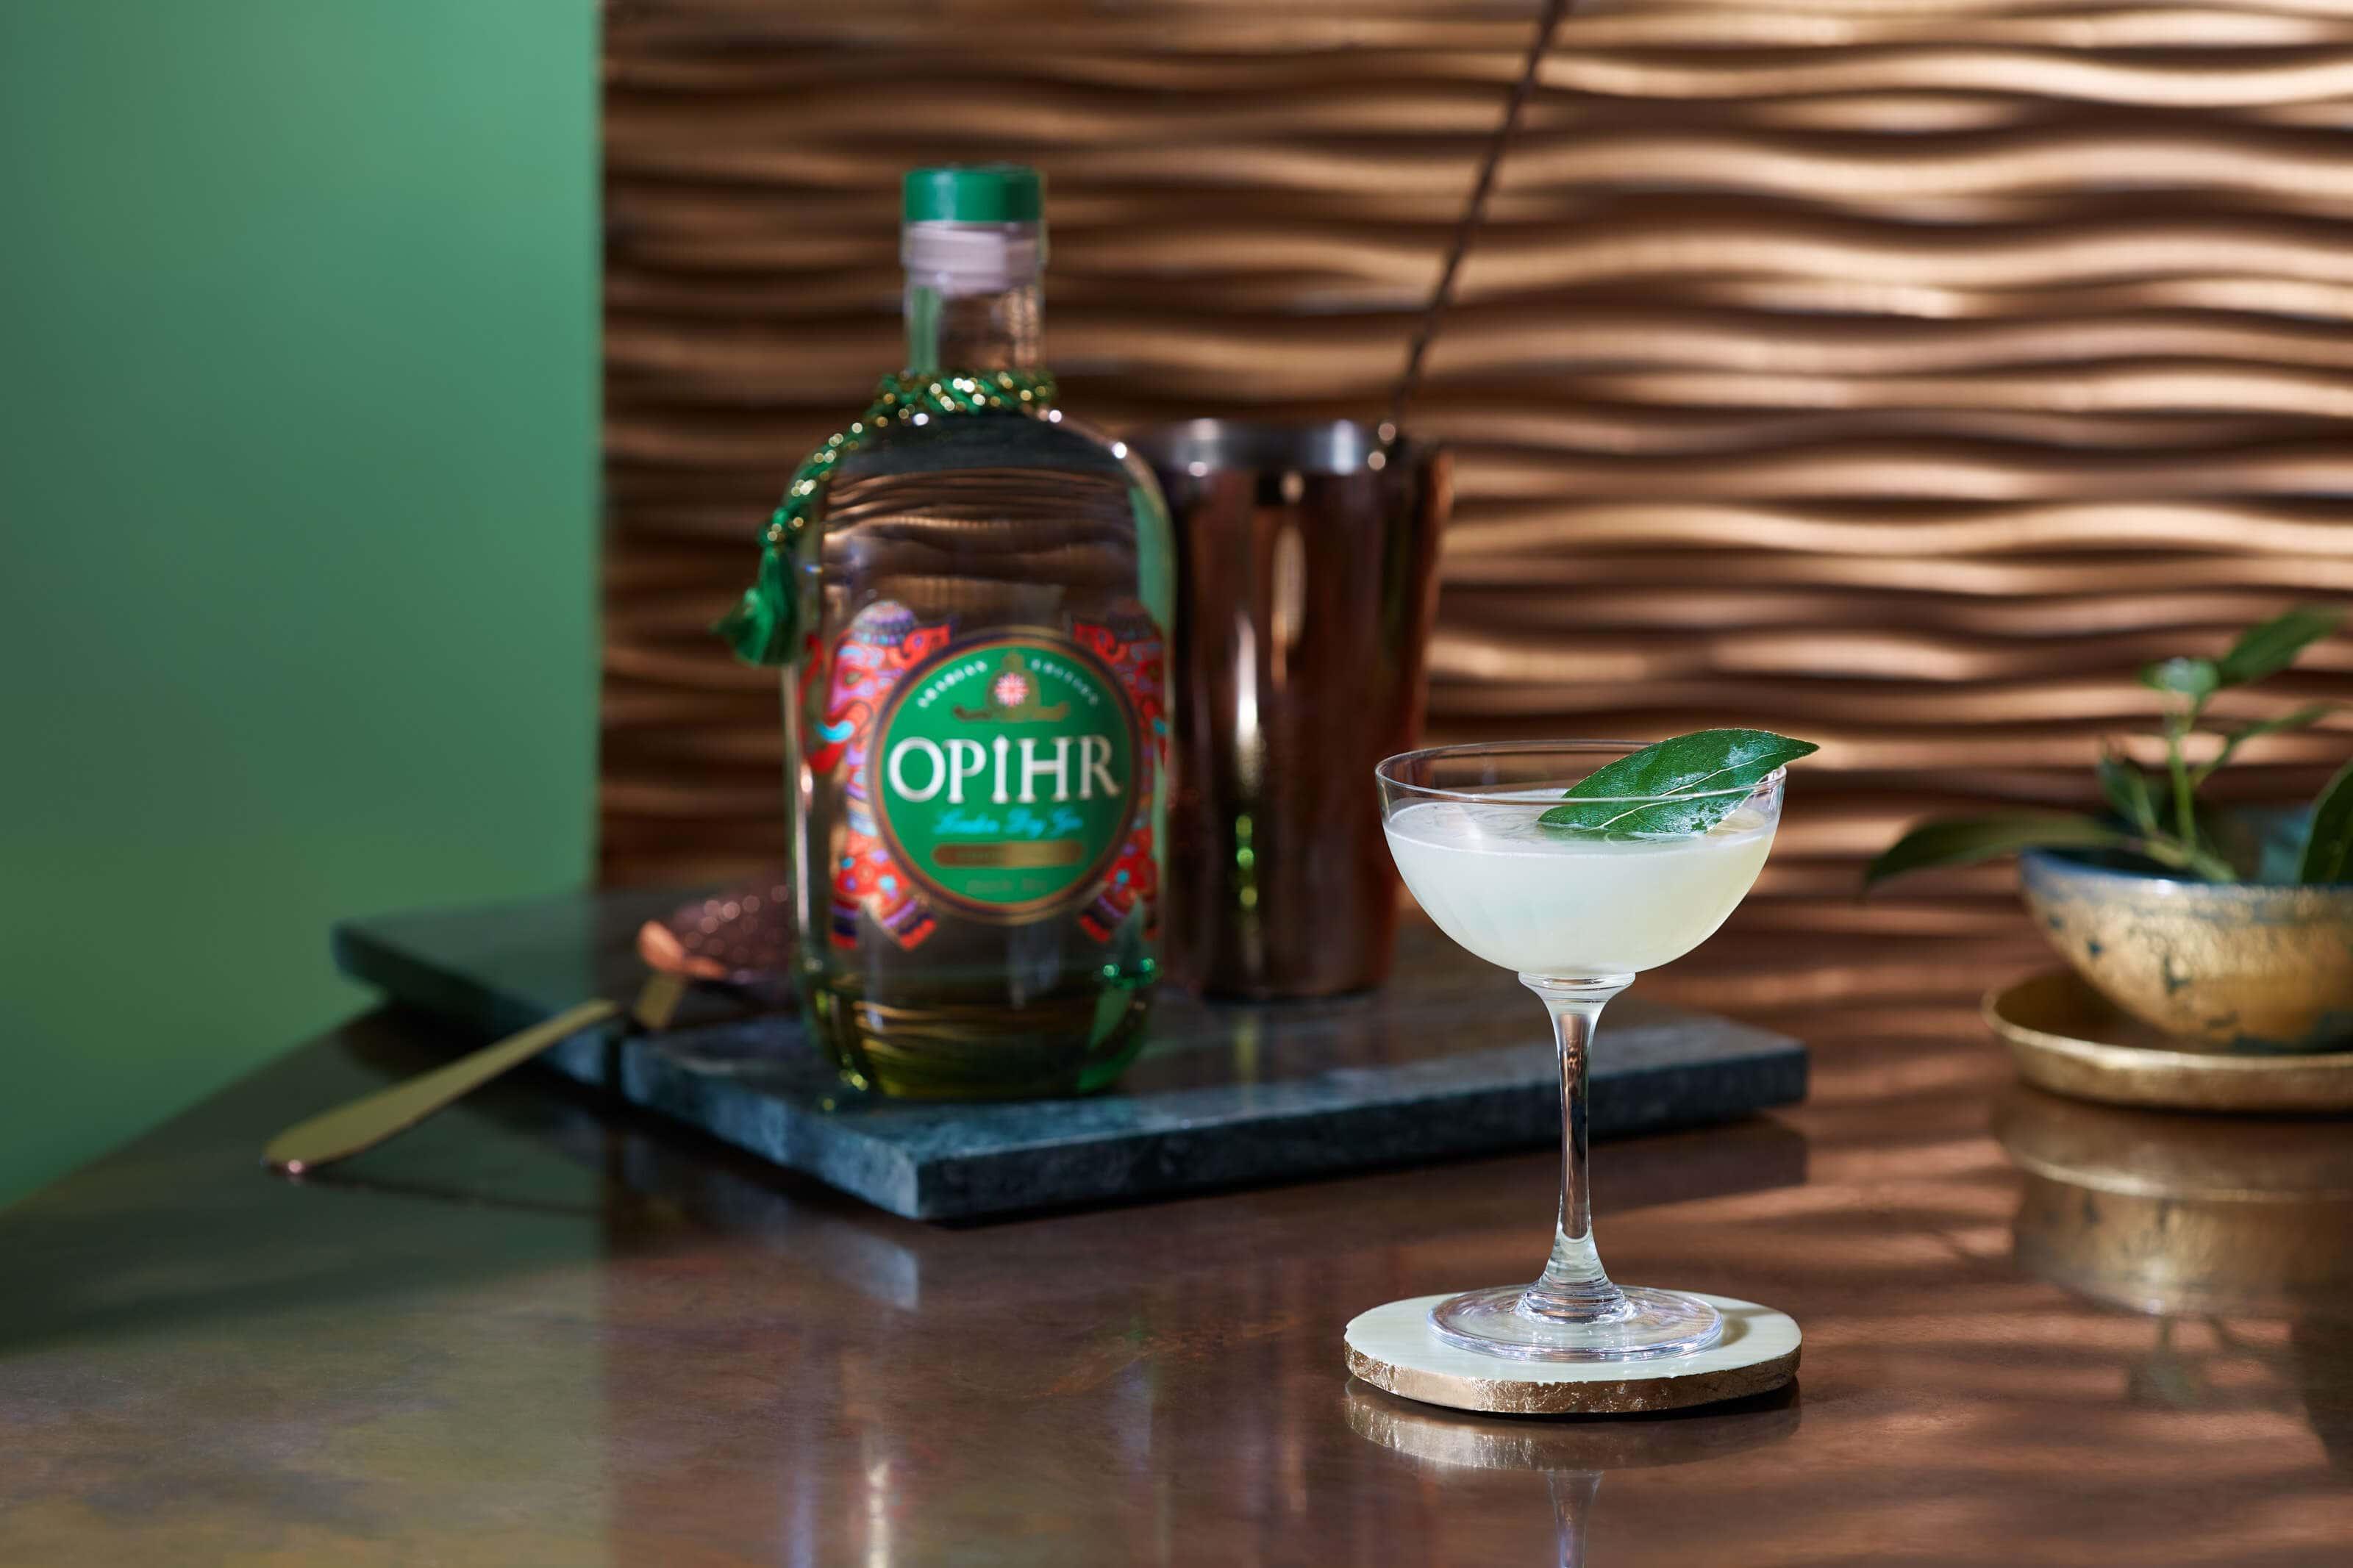 Opihr gin arabian_edition_spiced_daiquiri with a bayleaf